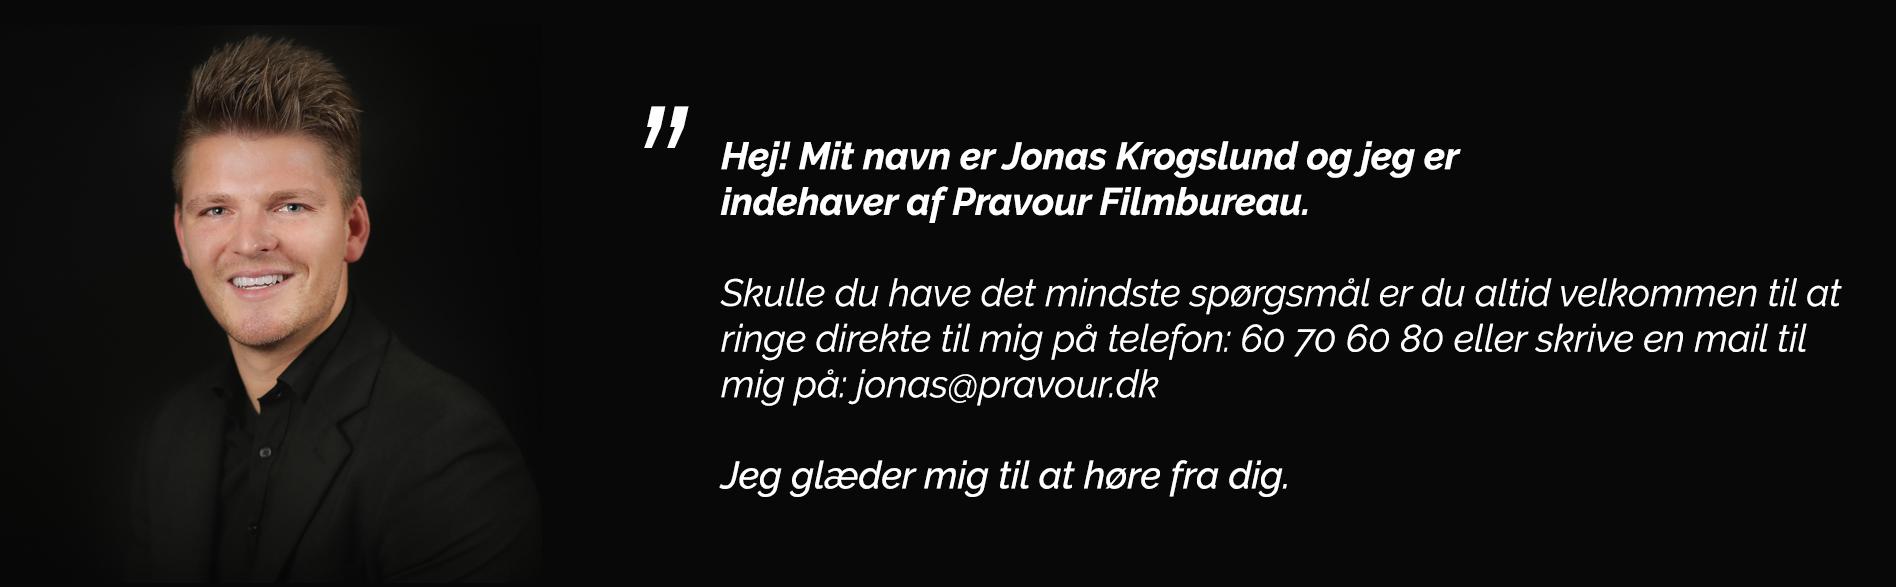 Kontakt Jonas Krogslund, Pravour Filmbureau